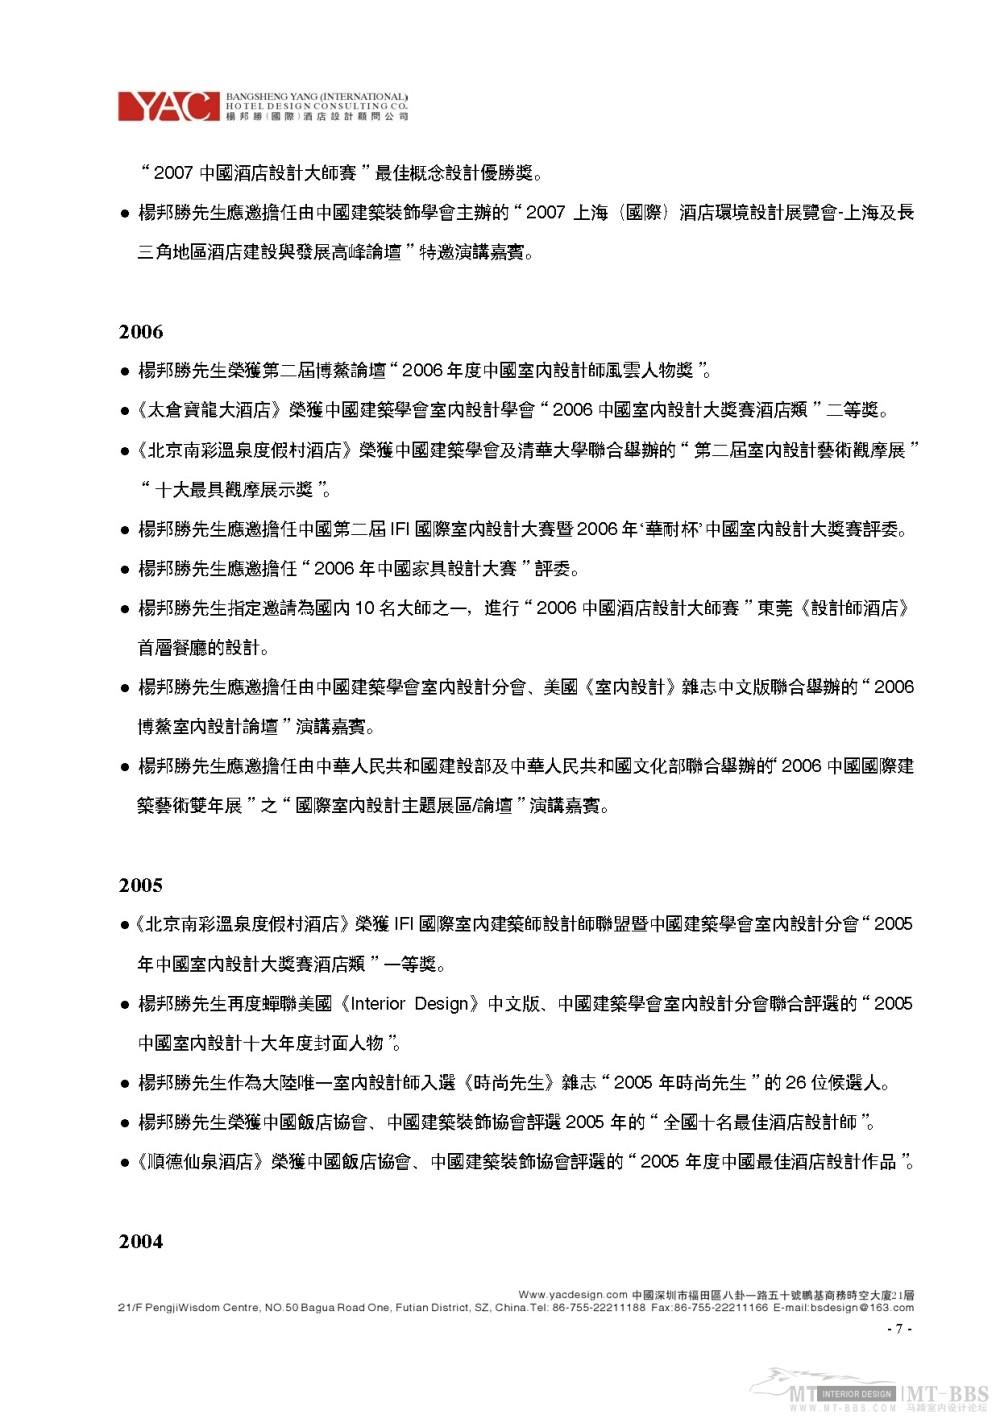 杨邦胜_2011.03.30YAC(国际)杨邦胜酒店设计顾问公司简介_页面_07.jpg